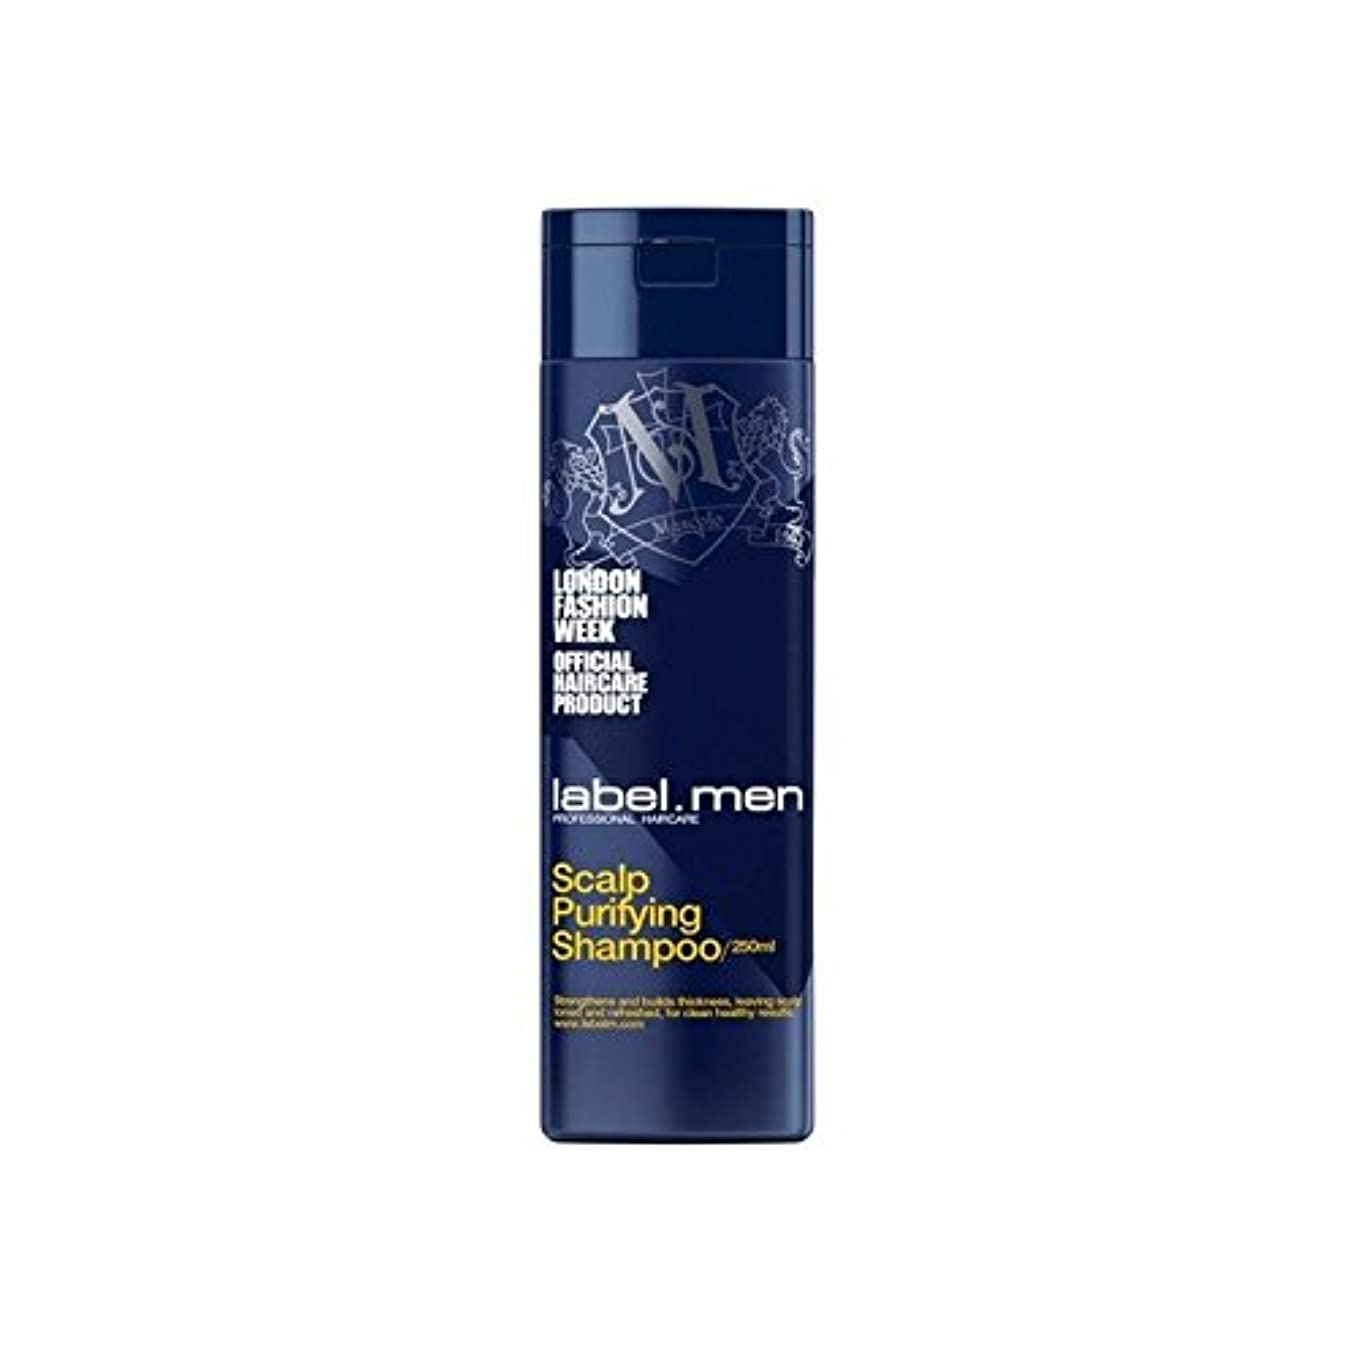 ズボンローマ人下品Label.Men Scalp Purifying Shampoo (250ml) - .頭皮浄化シャンプー(250ミリリットル) [並行輸入品]